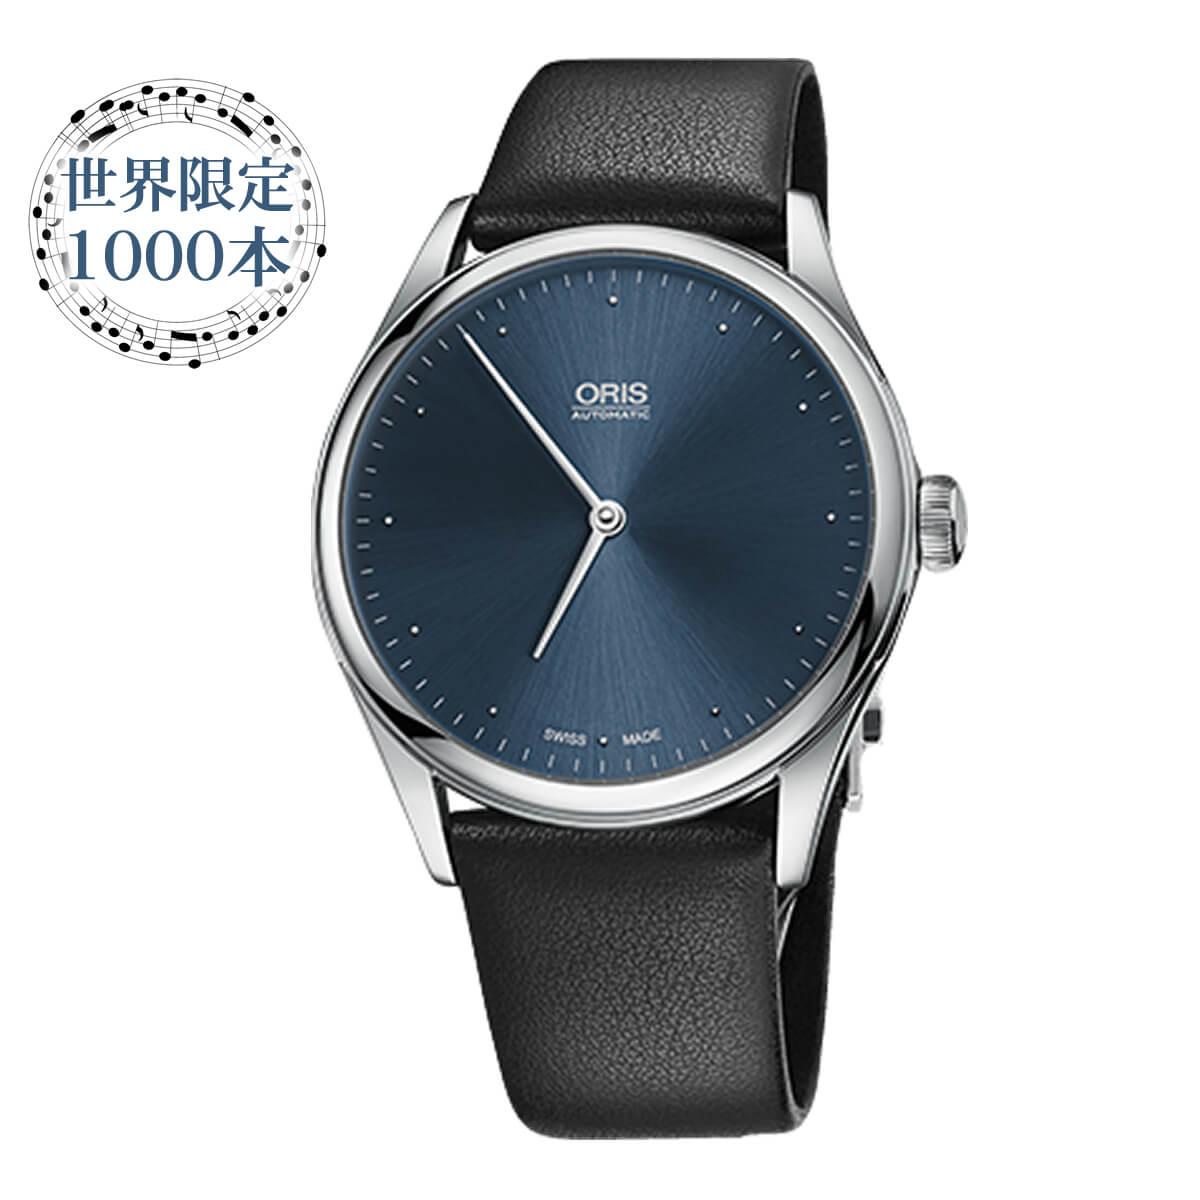 オリス(oris) セロニアス・モンク 73277124085d 世界限定1000本 腕時計